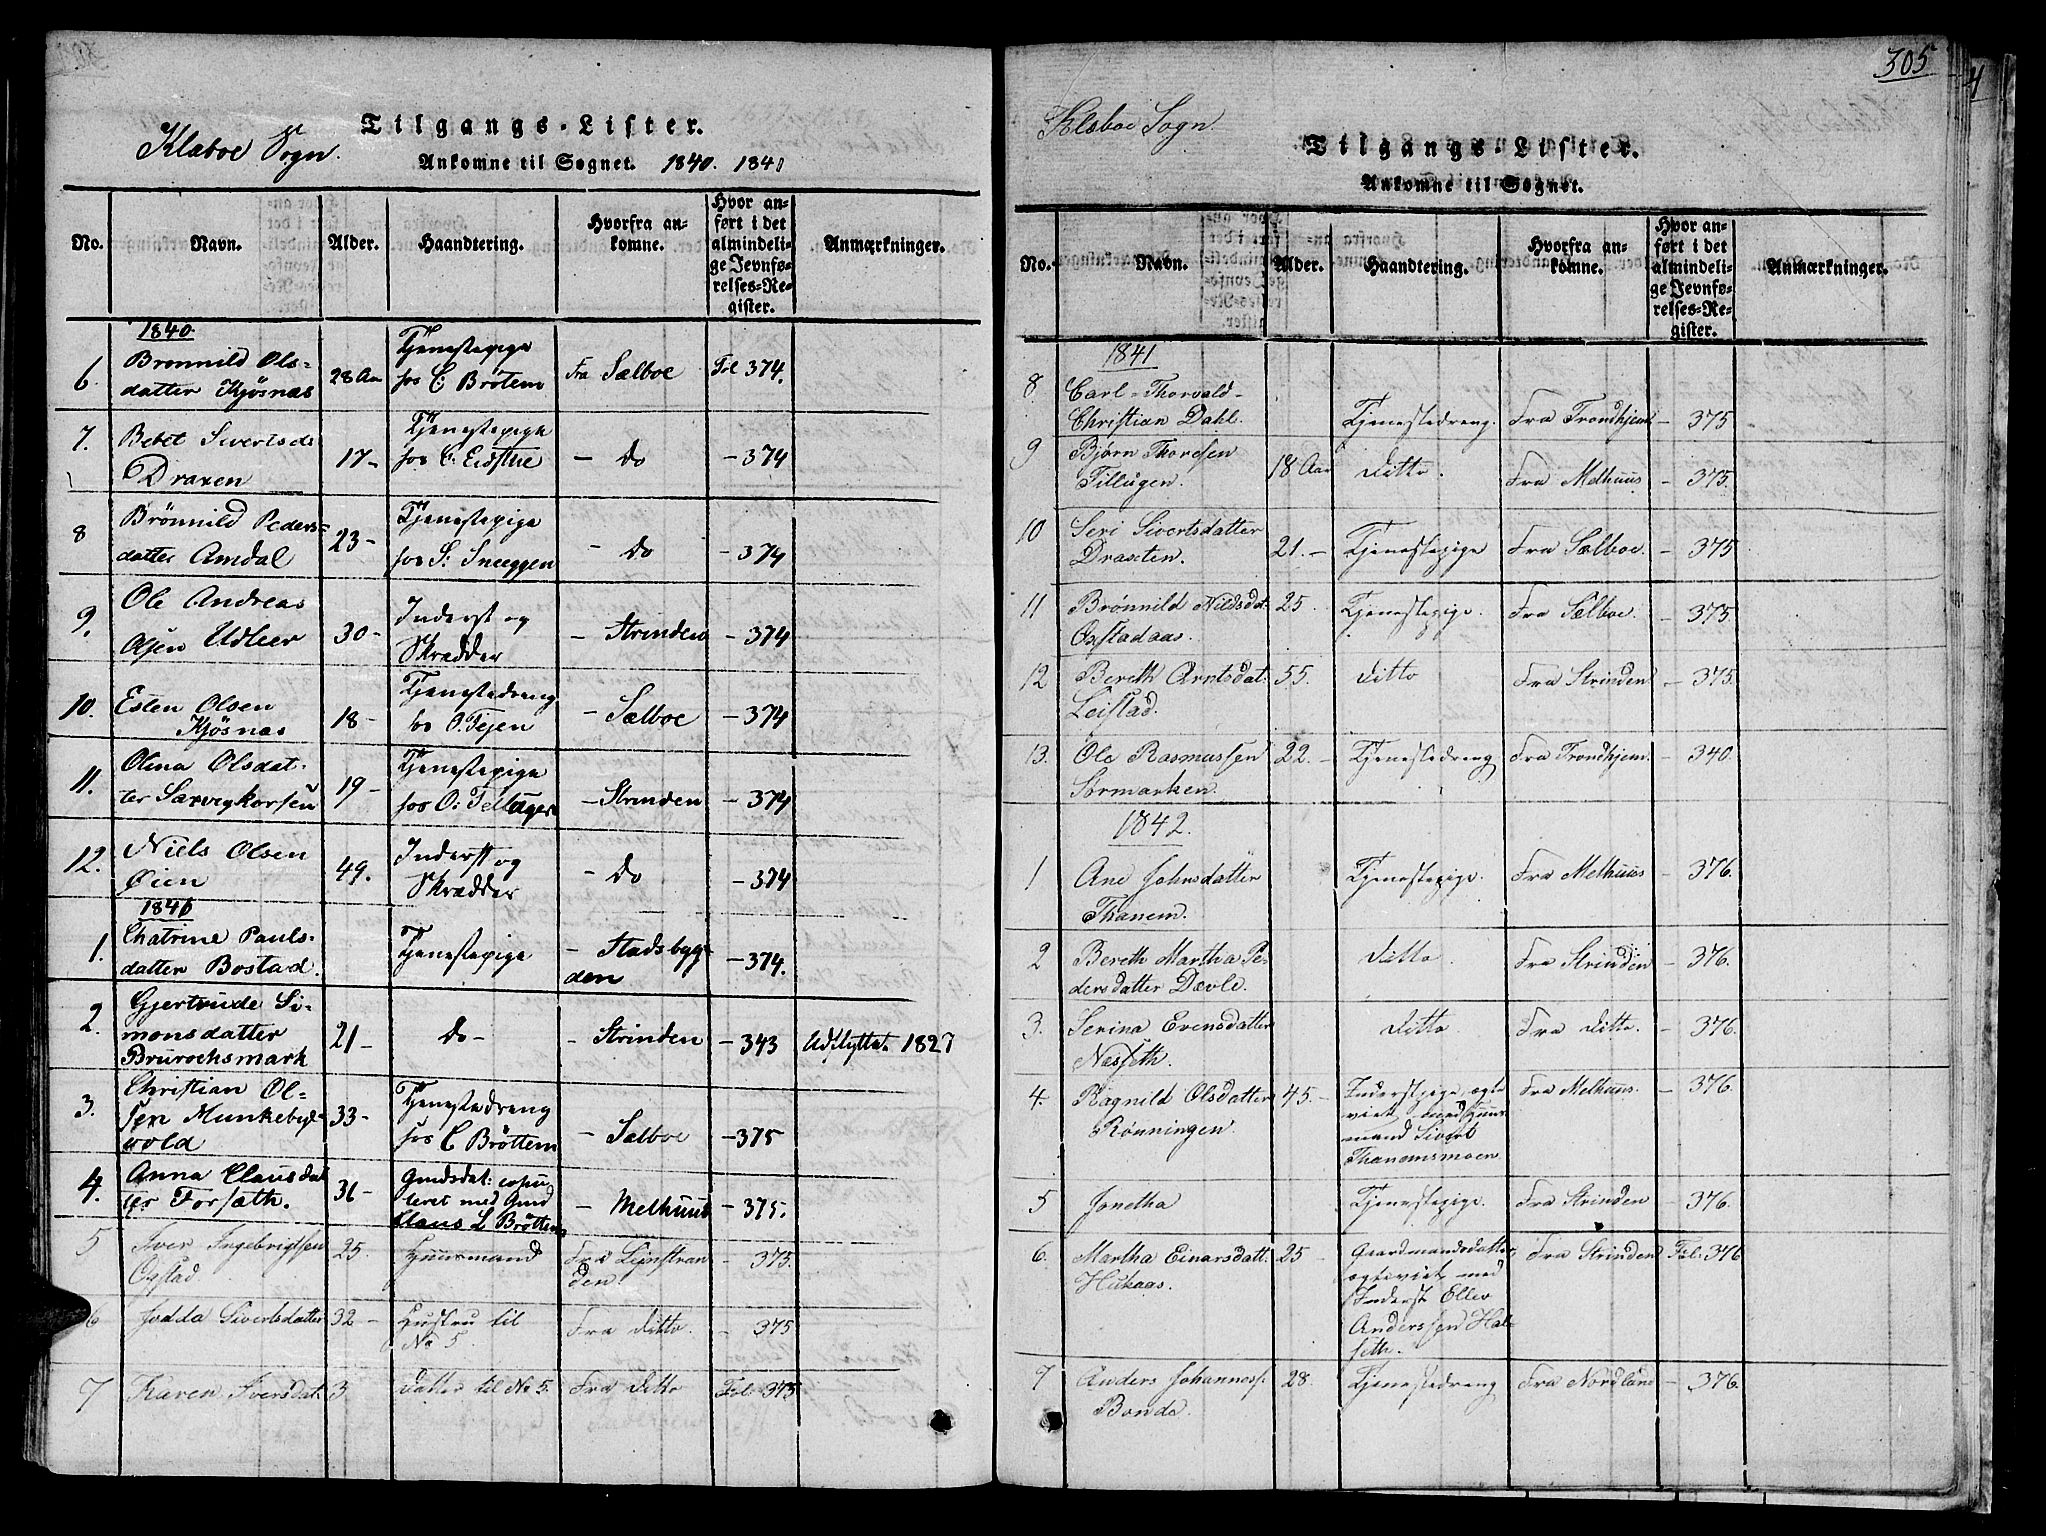 SAT, Ministerialprotokoller, klokkerbøker og fødselsregistre - Sør-Trøndelag, 618/L0439: Ministerialbok nr. 618A04 /1, 1816-1843, s. 305